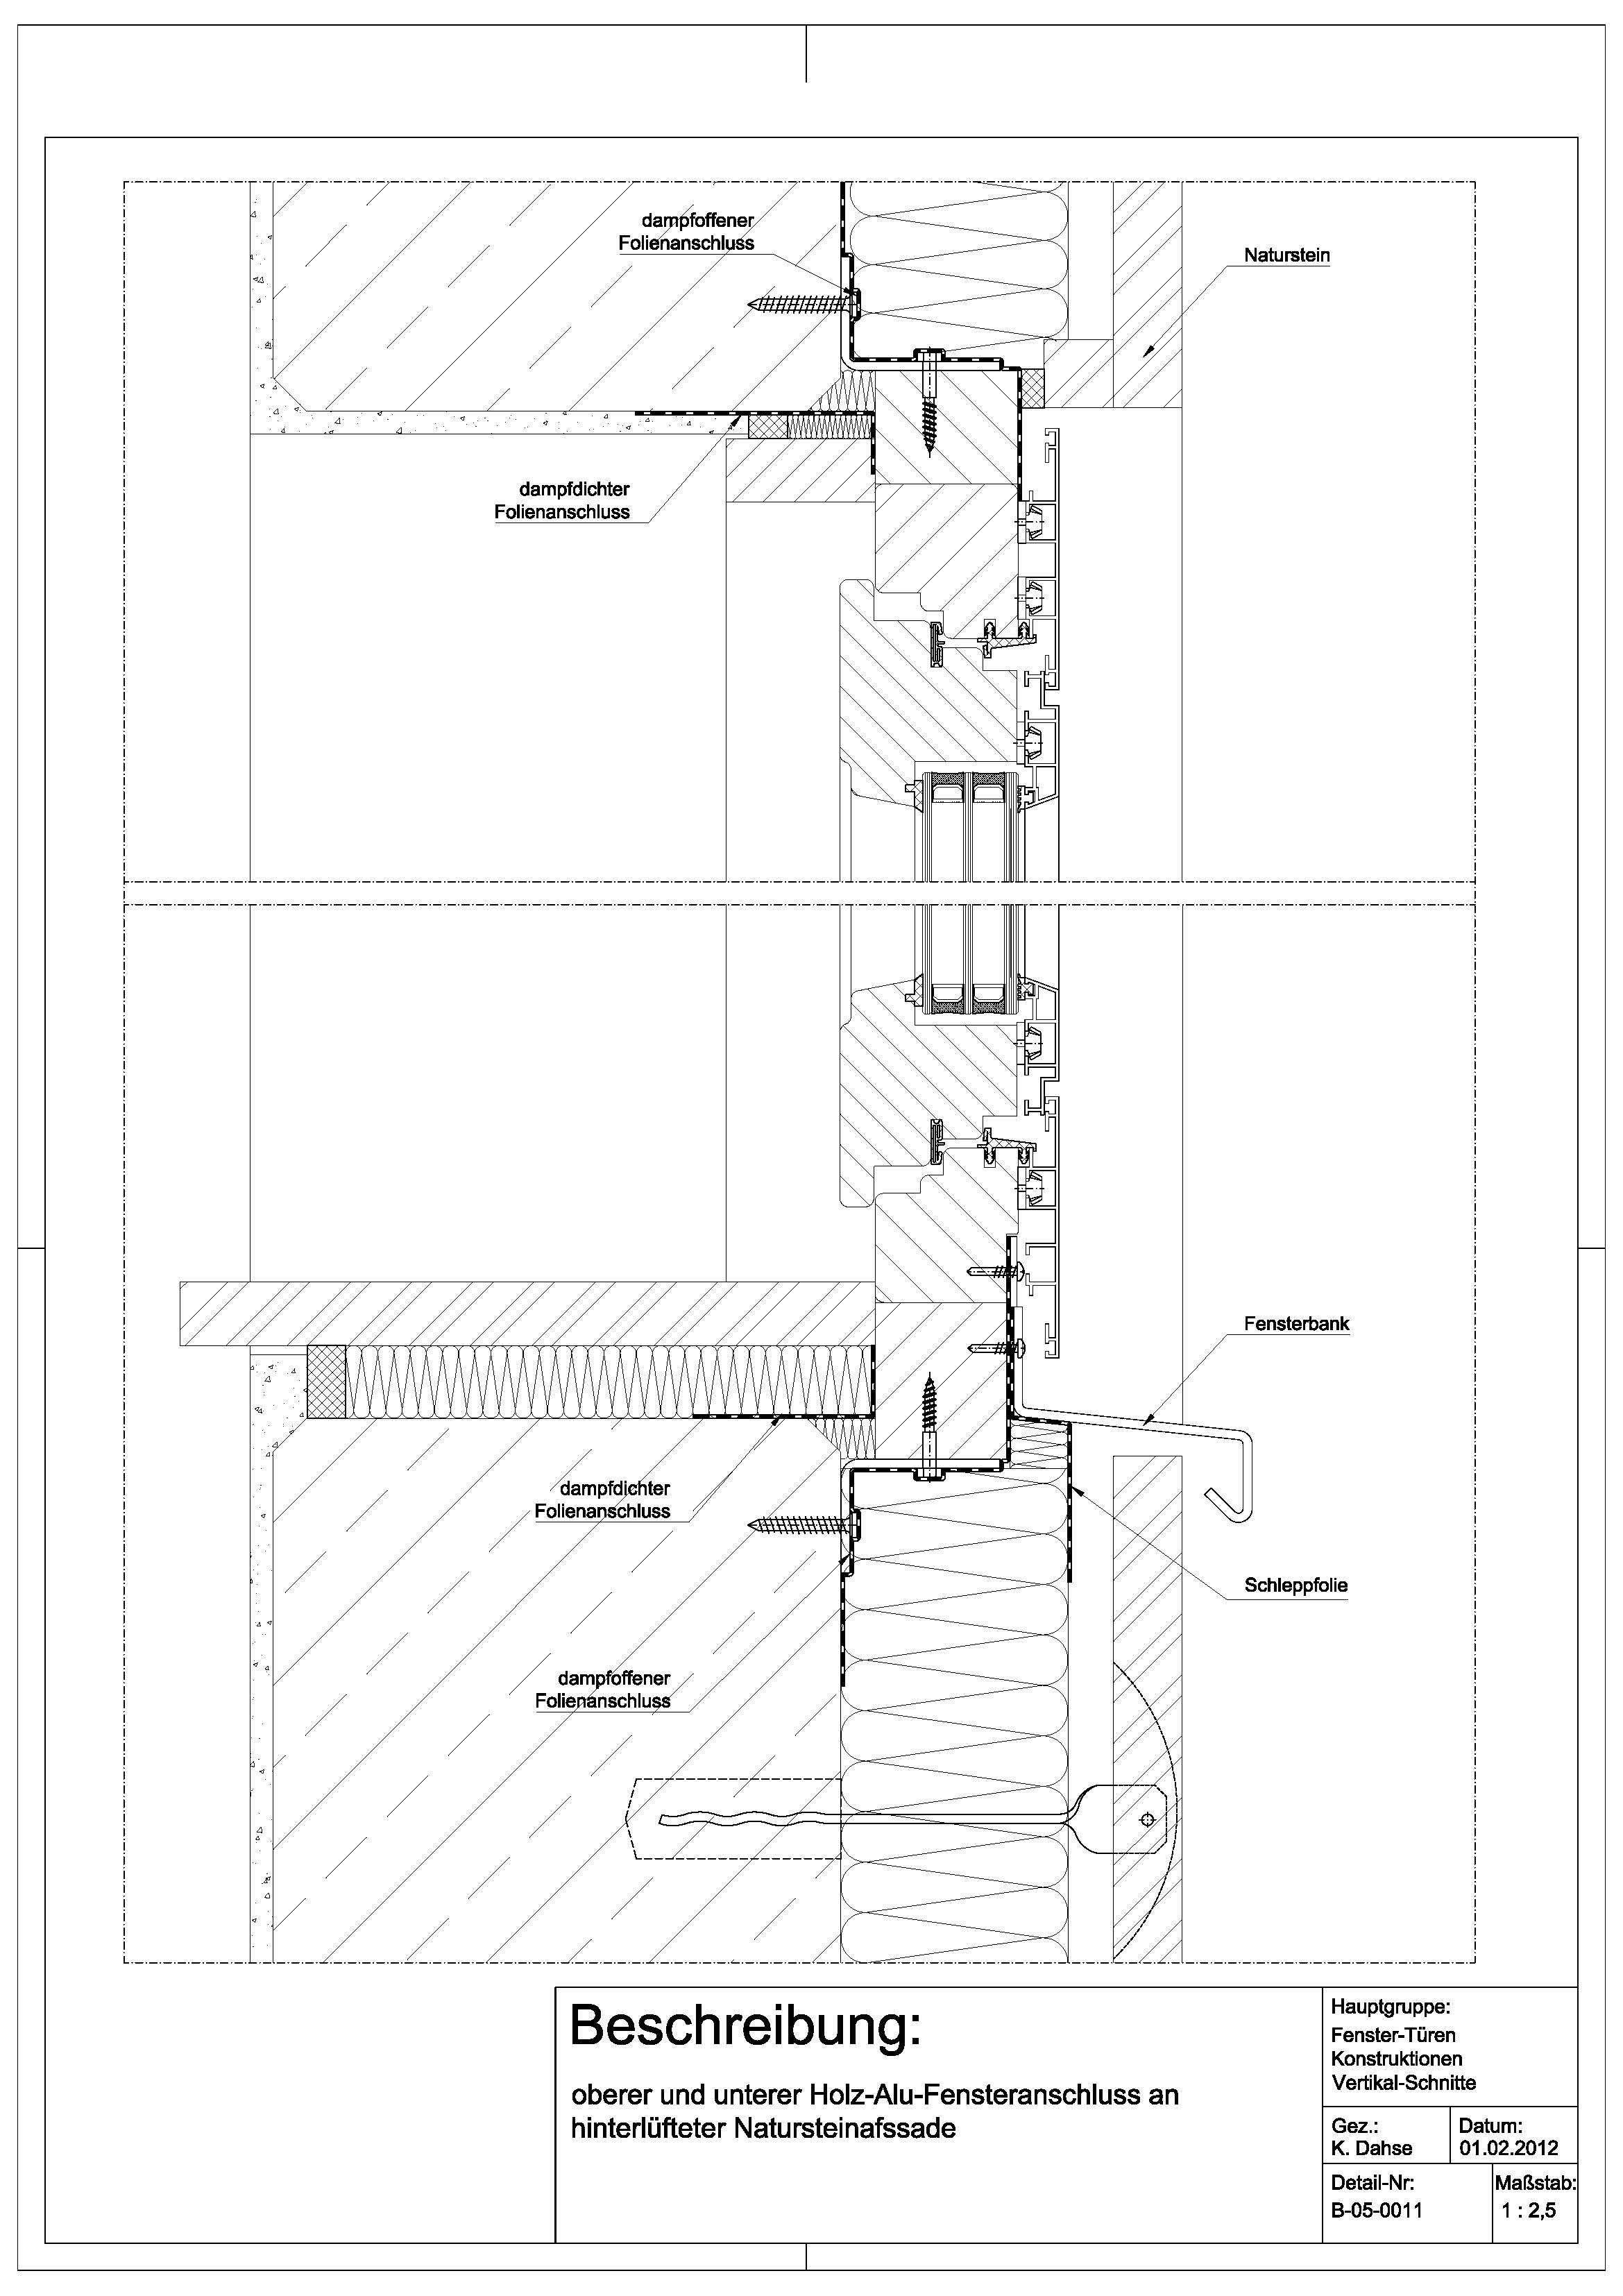 B050011 oberer und unterer HolzAluFensteranschluss an